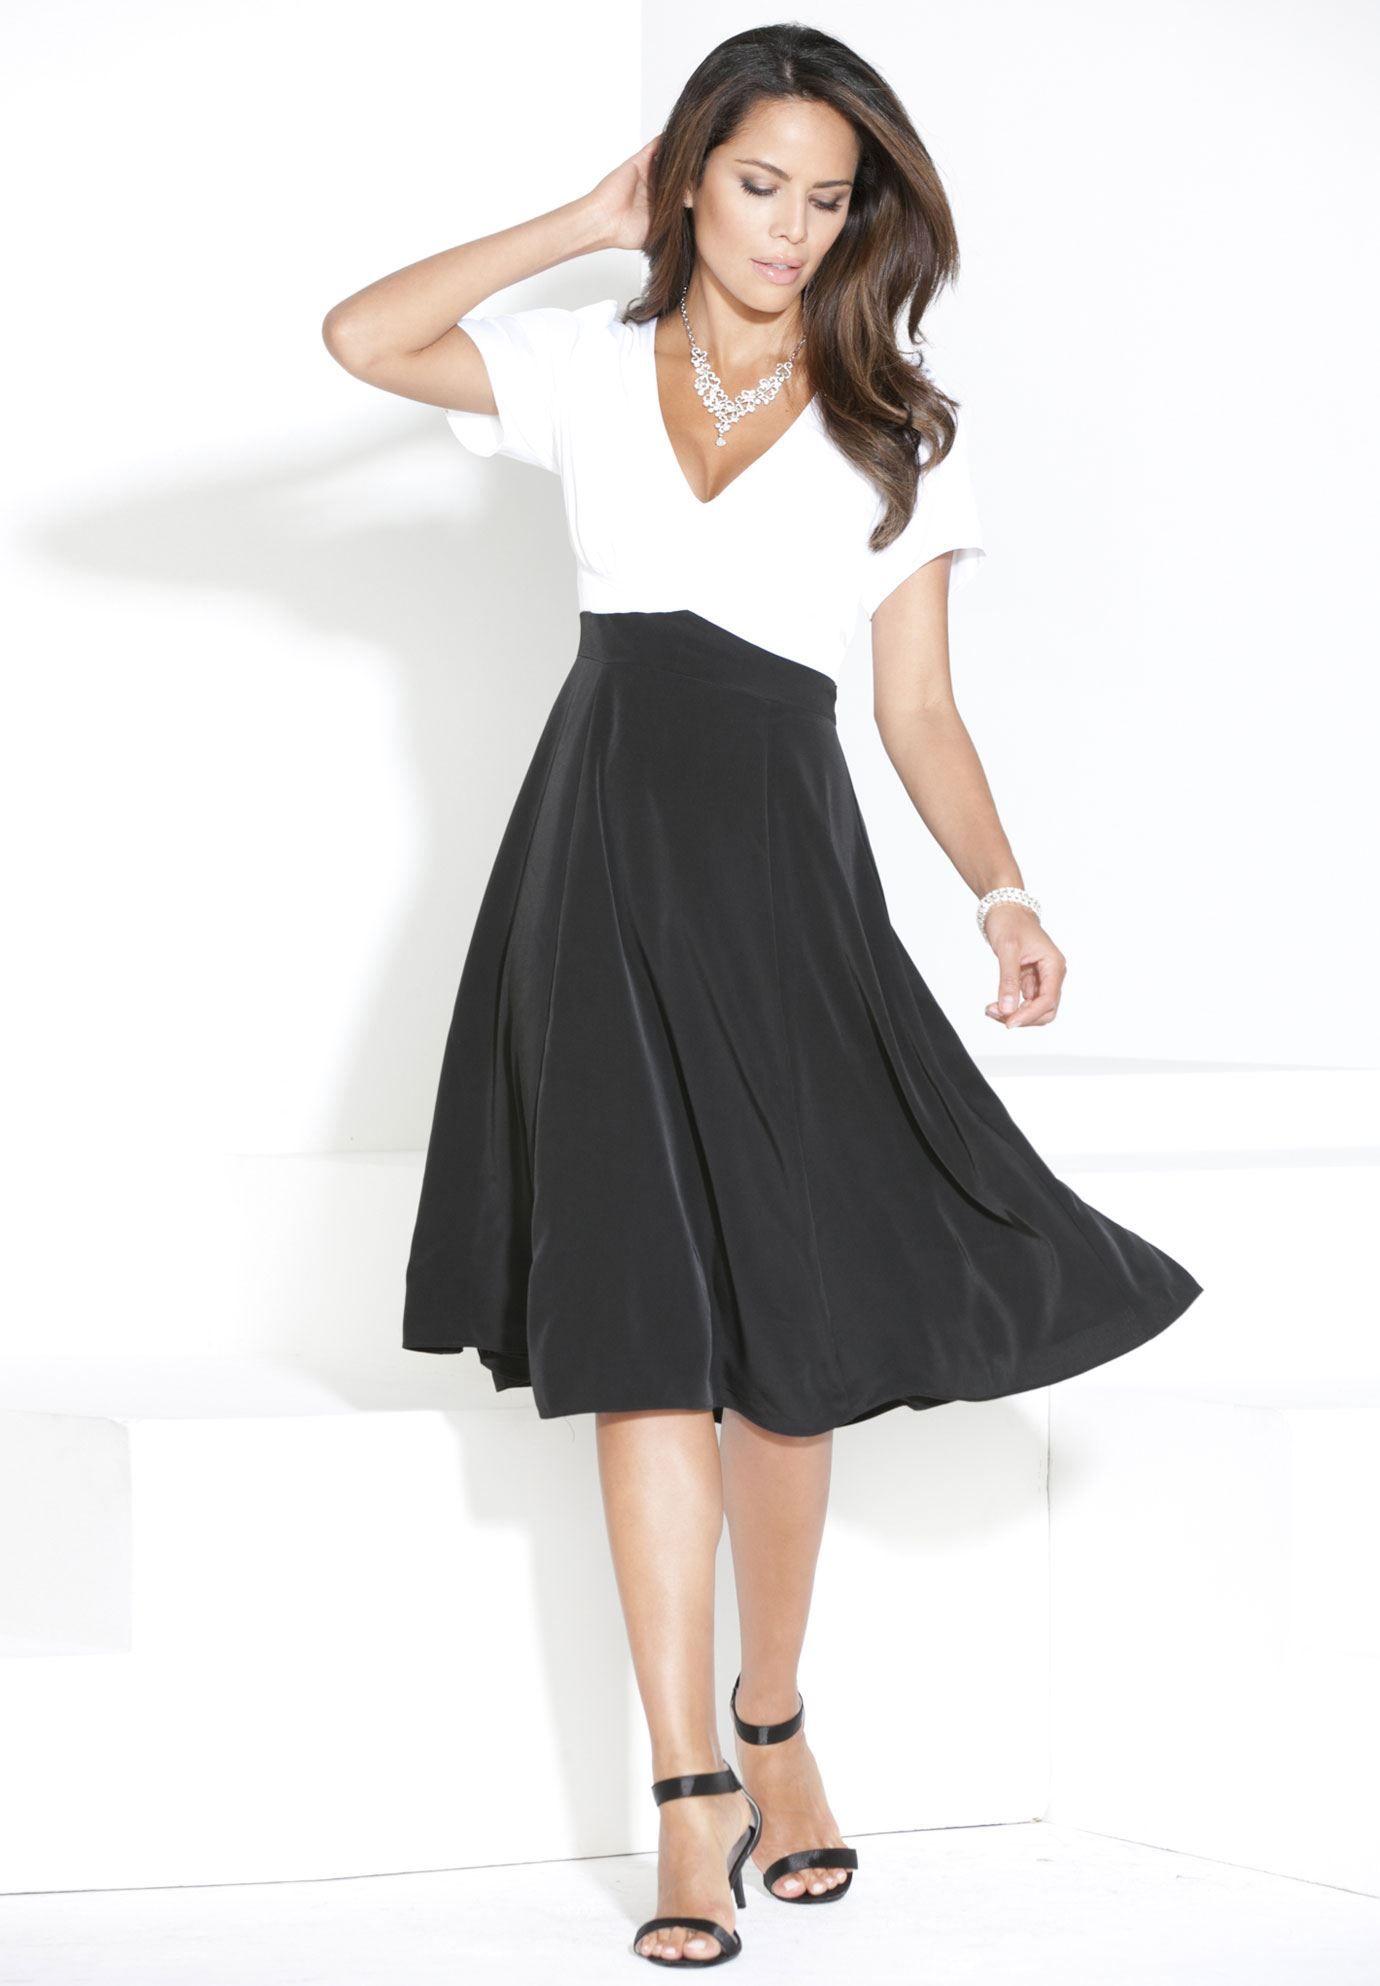 empire waist dresses plus size gallery - dresses design ideas